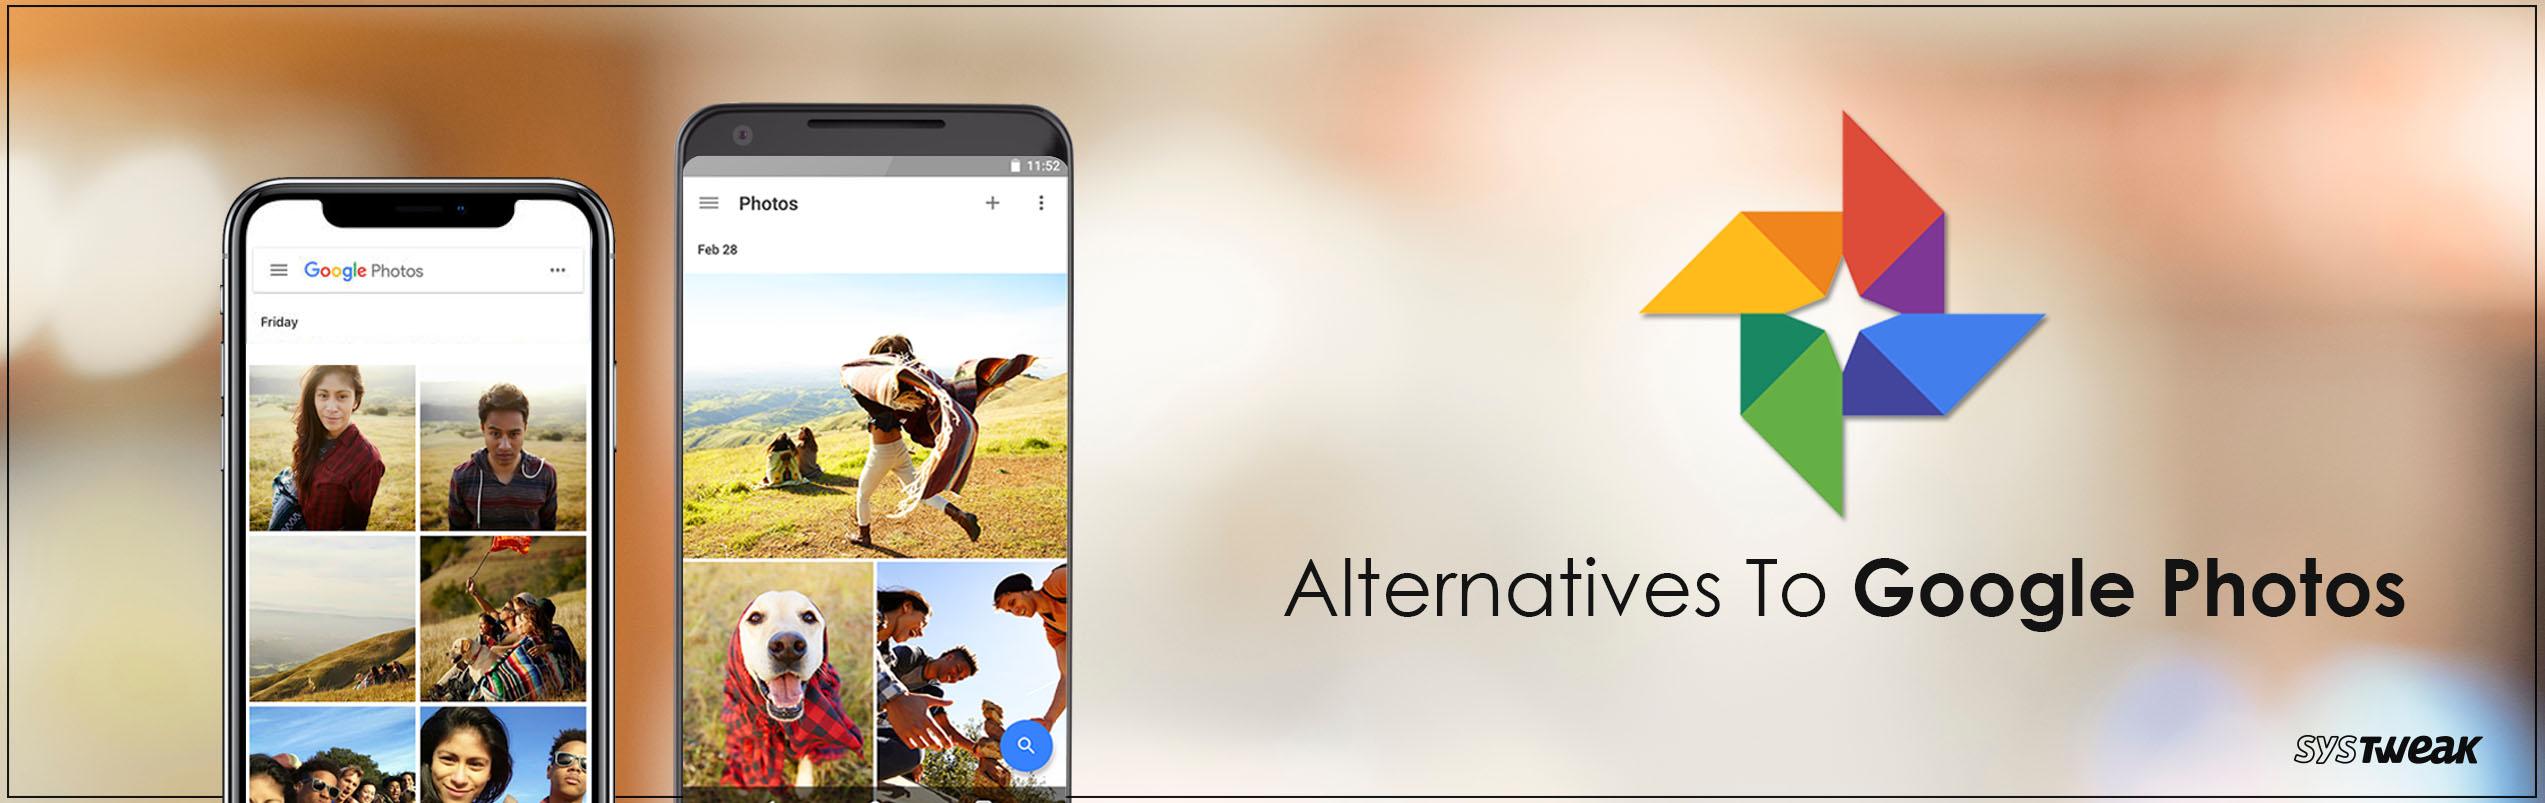 7 Best Google Photos Alternatives